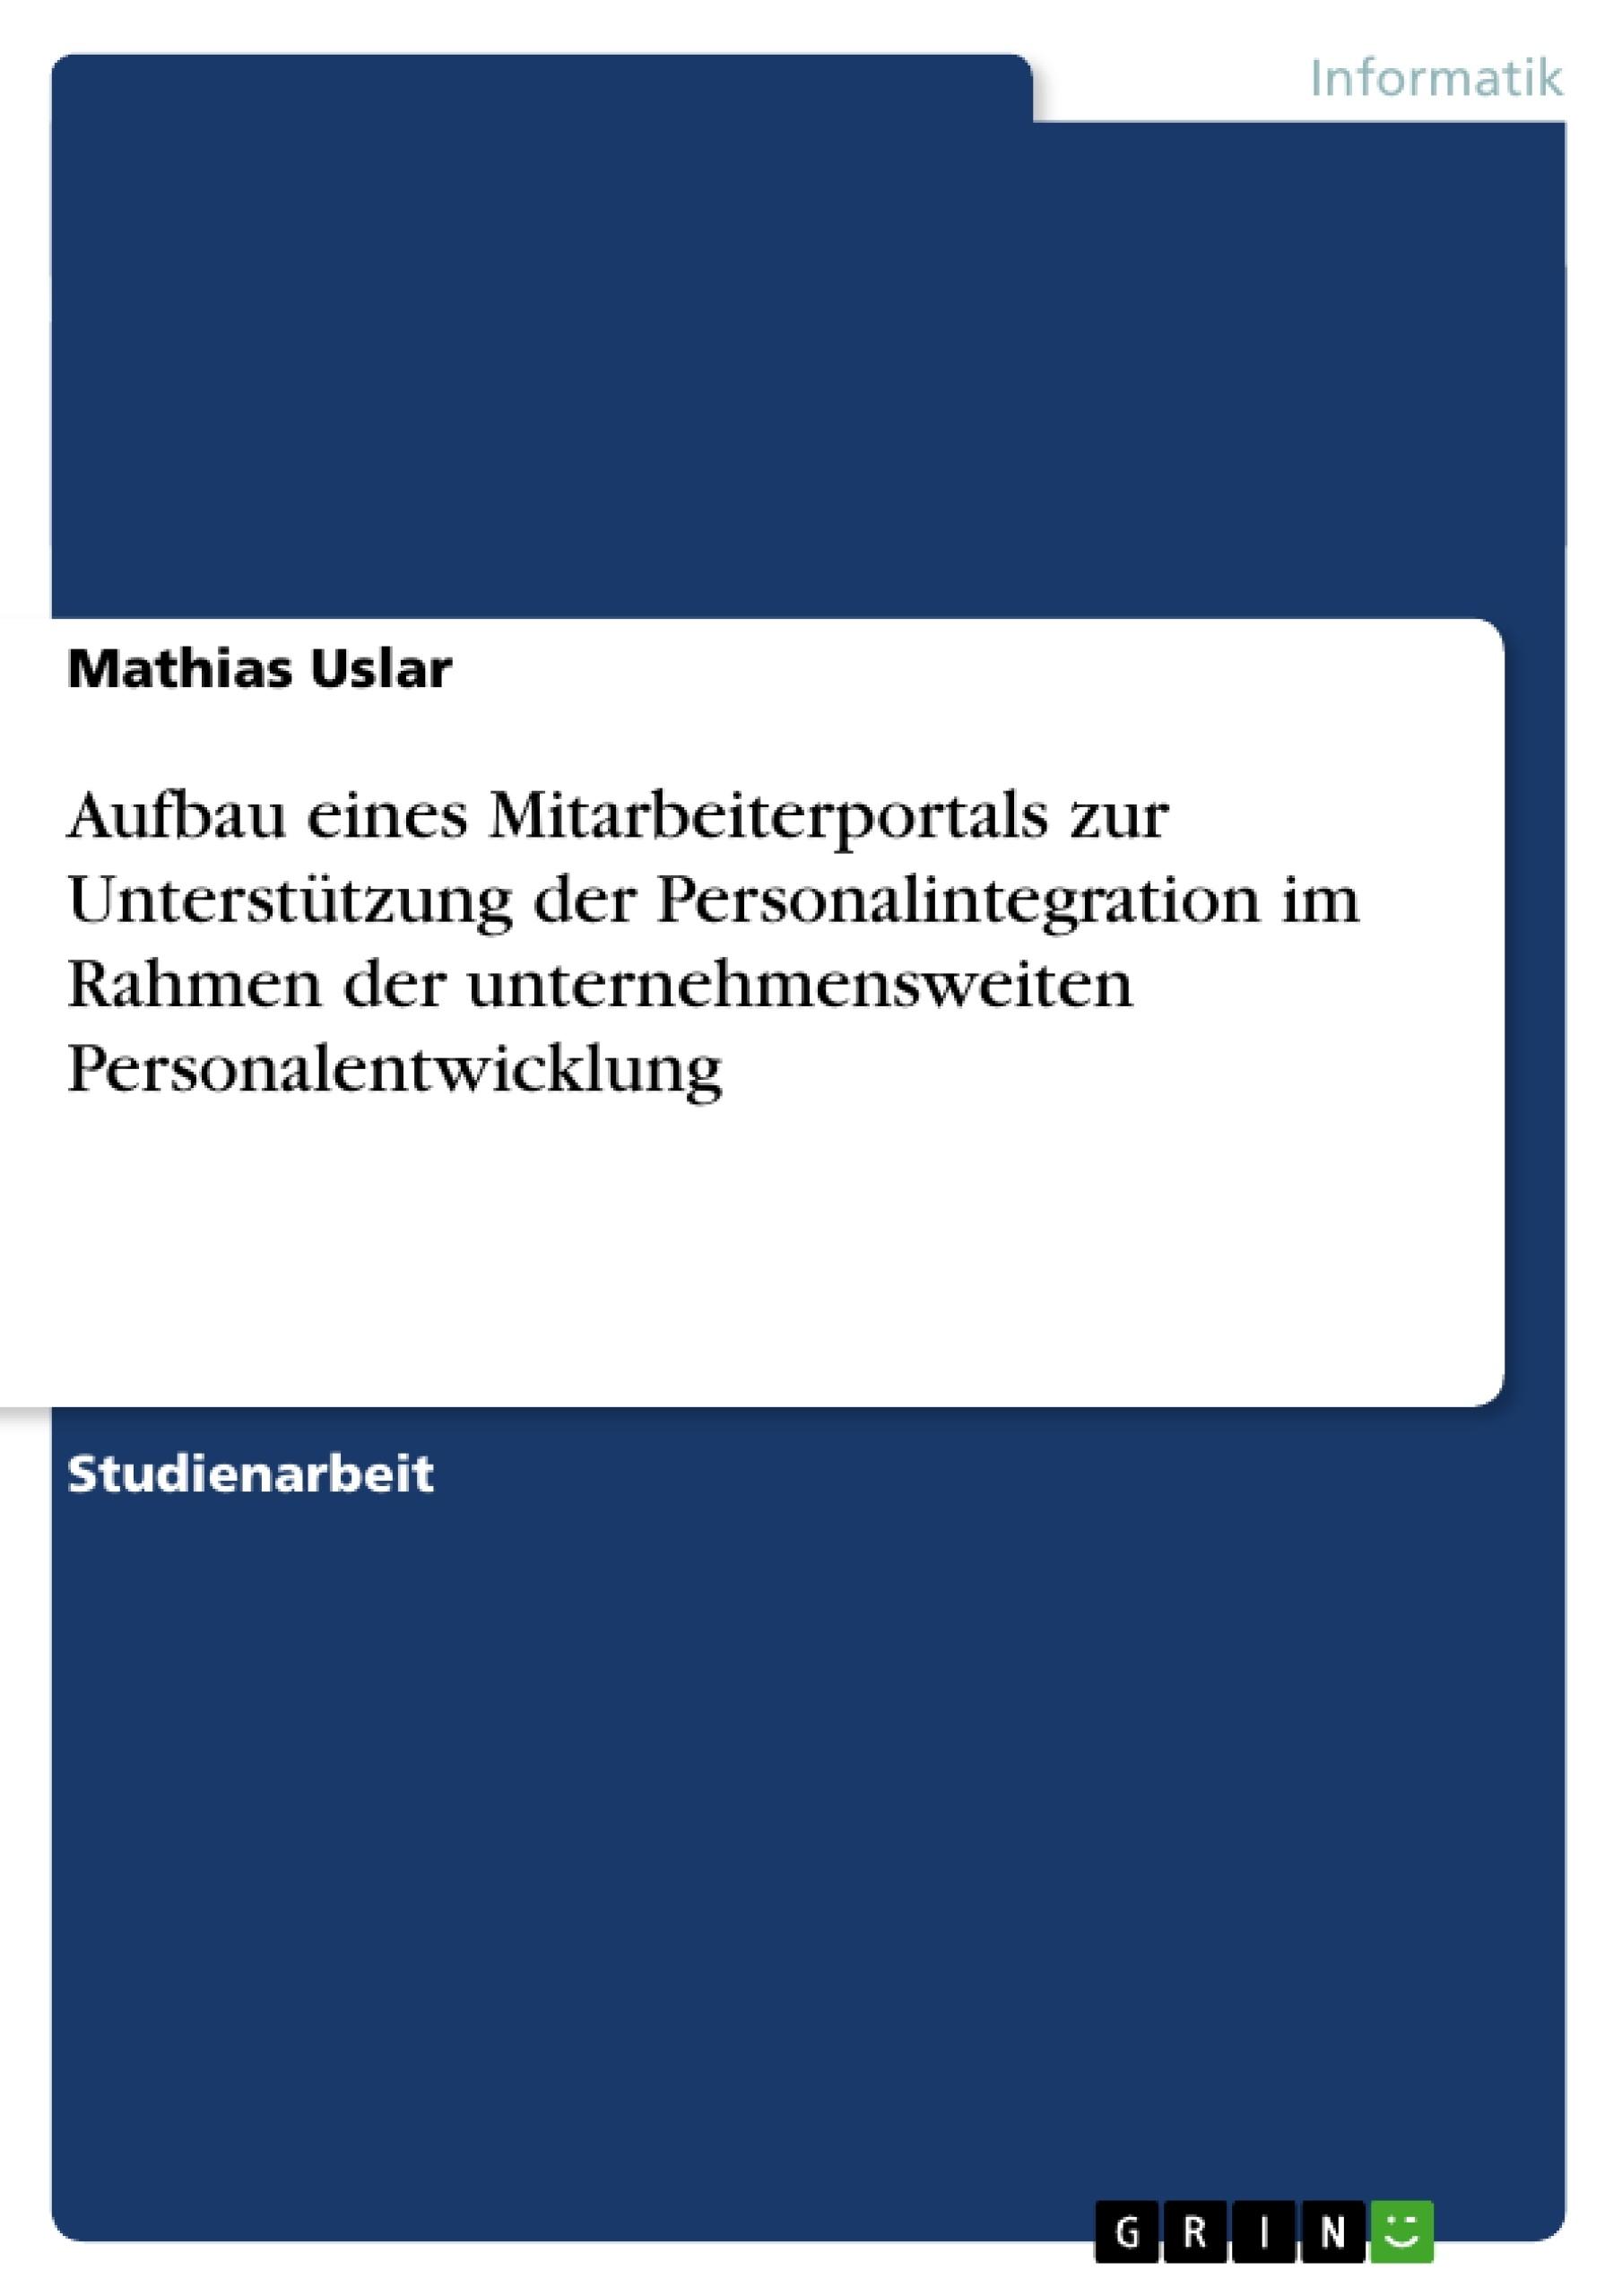 Titel: Aufbau eines Mitarbeiterportals zur Unterstützung der Personalintegration im Rahmen der unternehmensweiten Personalentwicklung